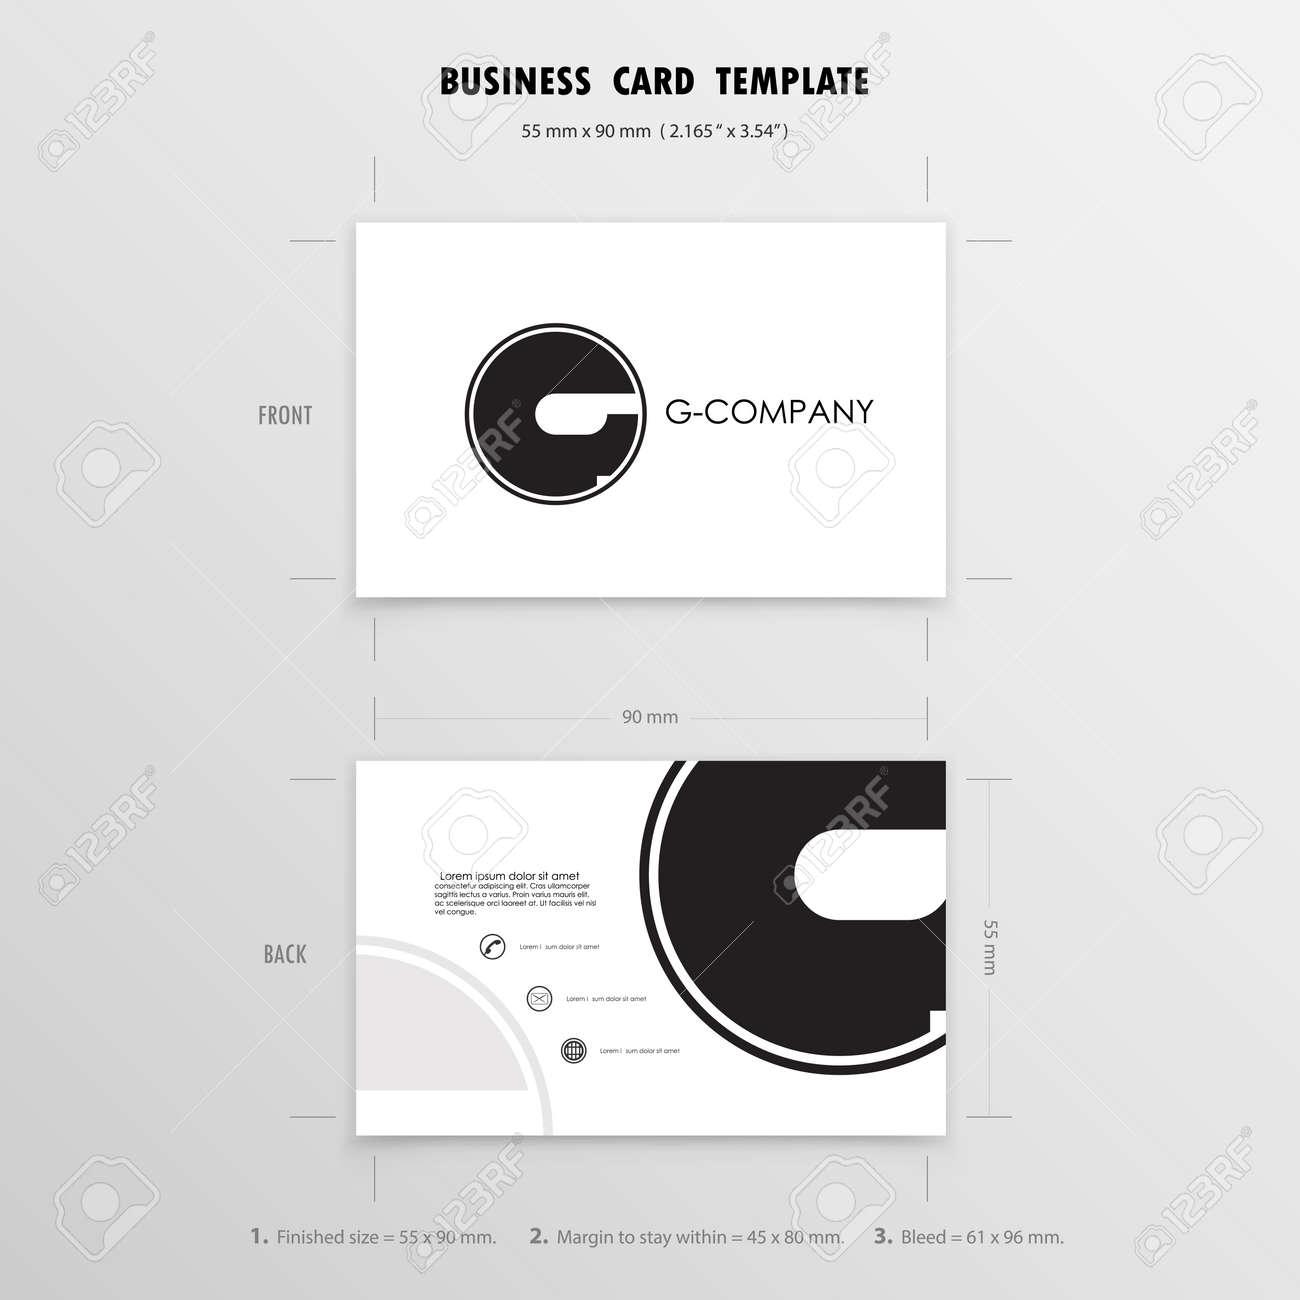 Cartes De Visite Modele Conception Nom Symbole Taille 55